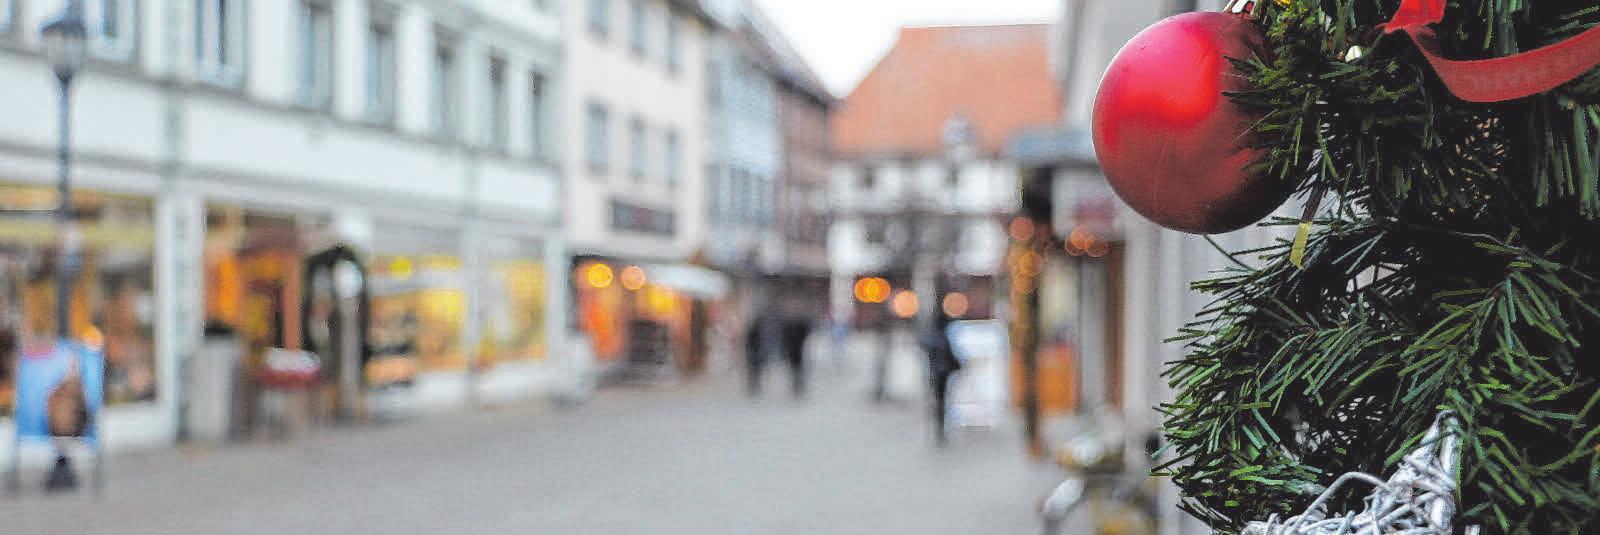 Bad Saulgau ist schon weihnachtlich geschmückt und stimmt so auf die Adventszeit ein. FOTOS: NICOLE FRICK